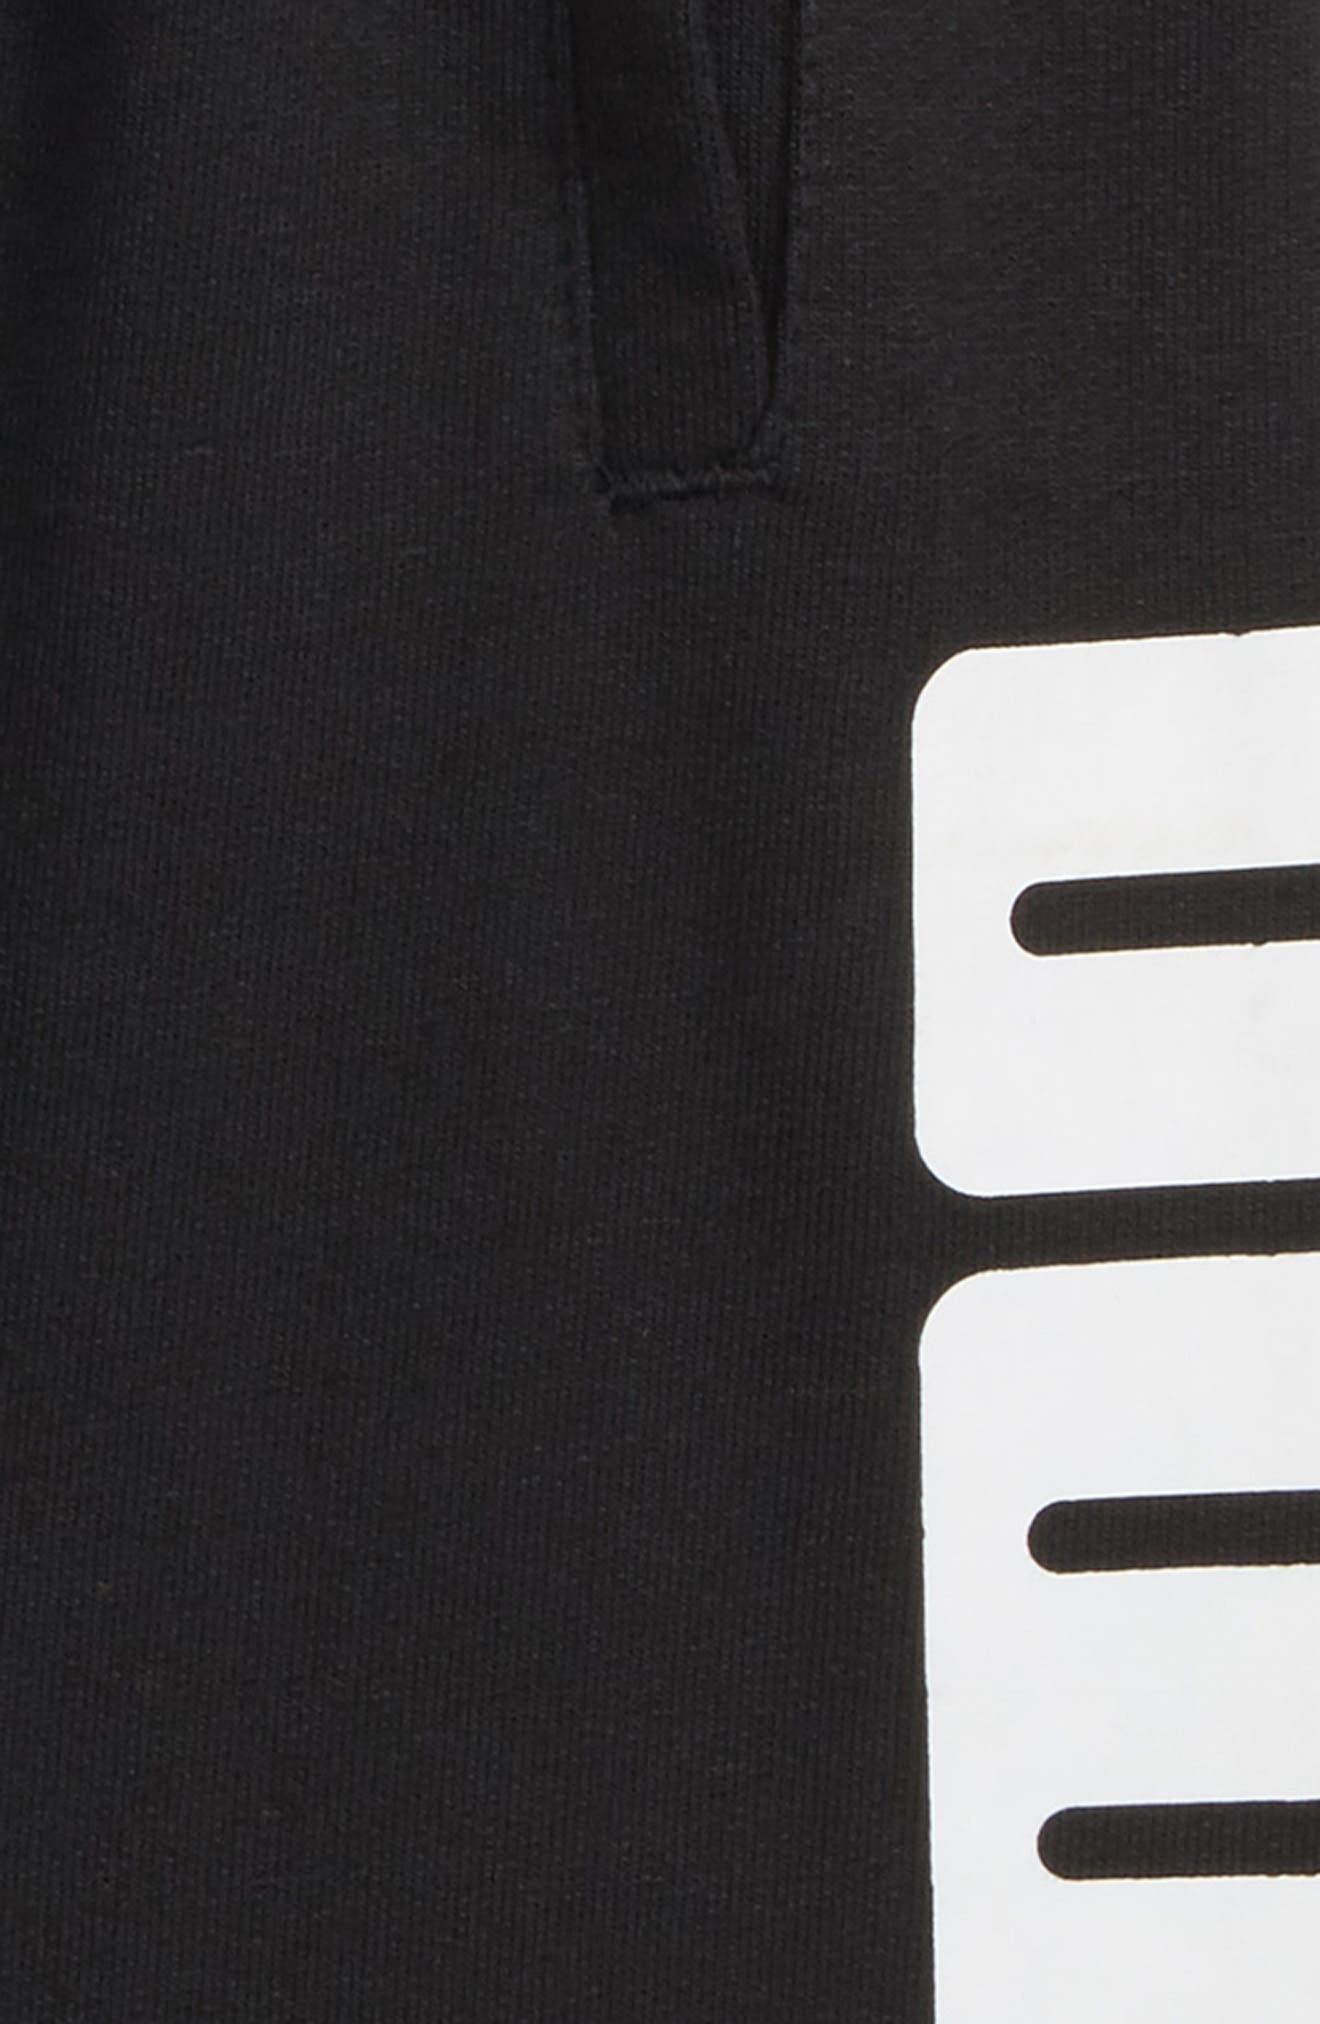 Rebel Knit Shorts,                             Alternate thumbnail 2, color,                             001